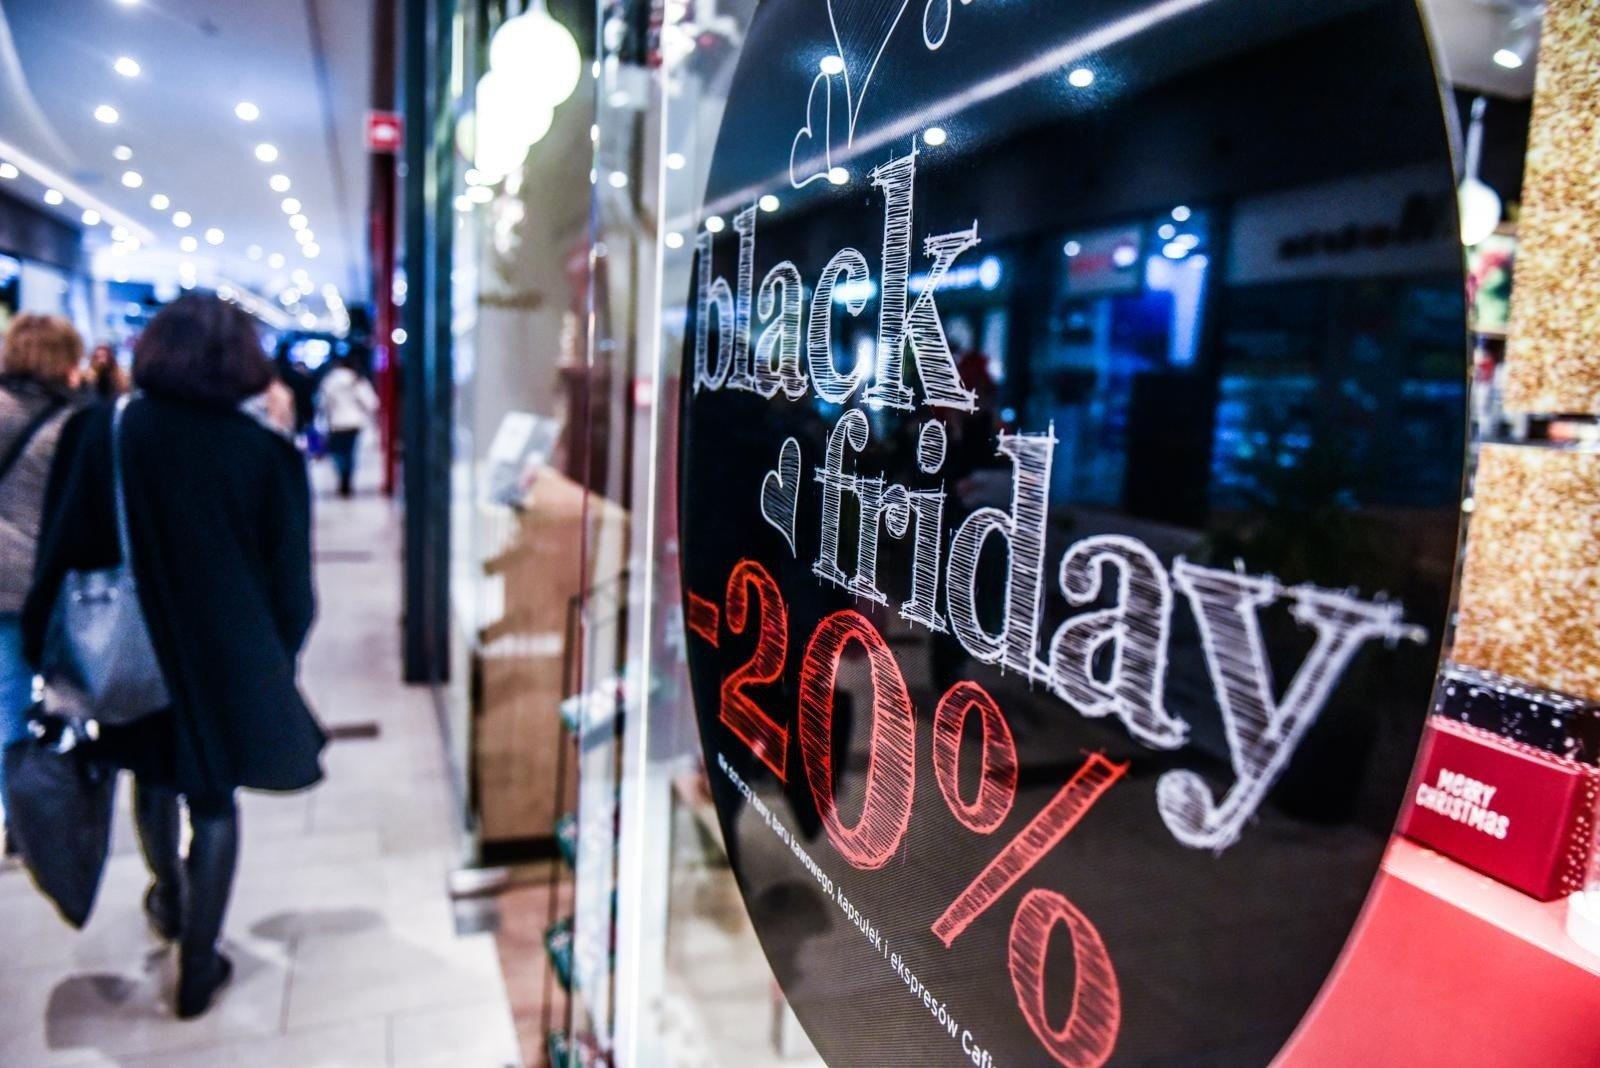 10ed28f049d783 Z okazji Black Friday także centra handlowe i sklepy w Poznaniu  przygotowały dla klientów szereg promocji